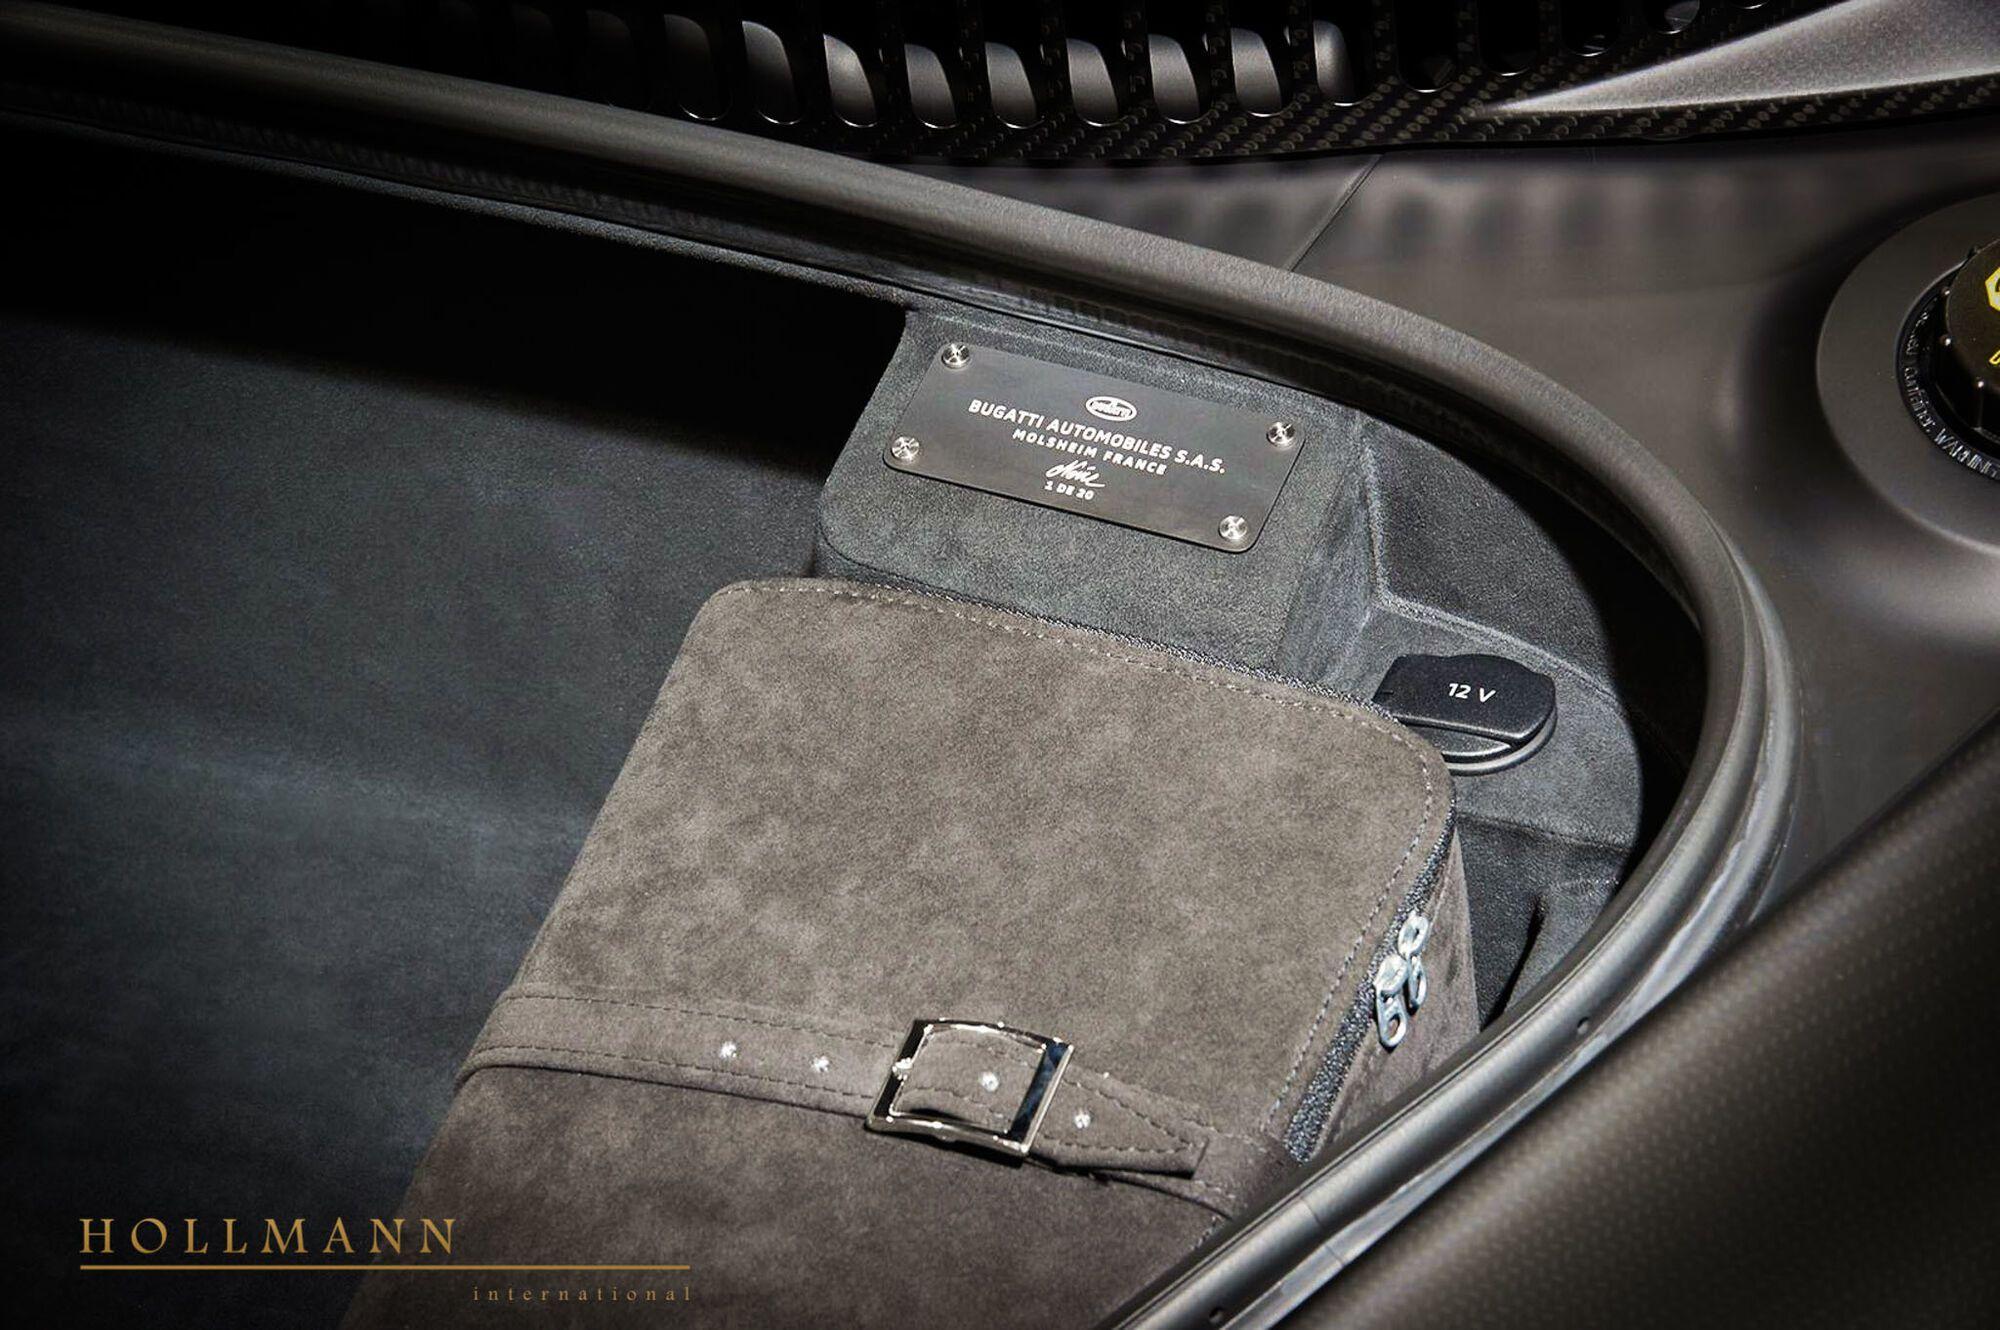 Chiron Edition Noire Sportive будет изготовлен в количестве 20 экземпляров